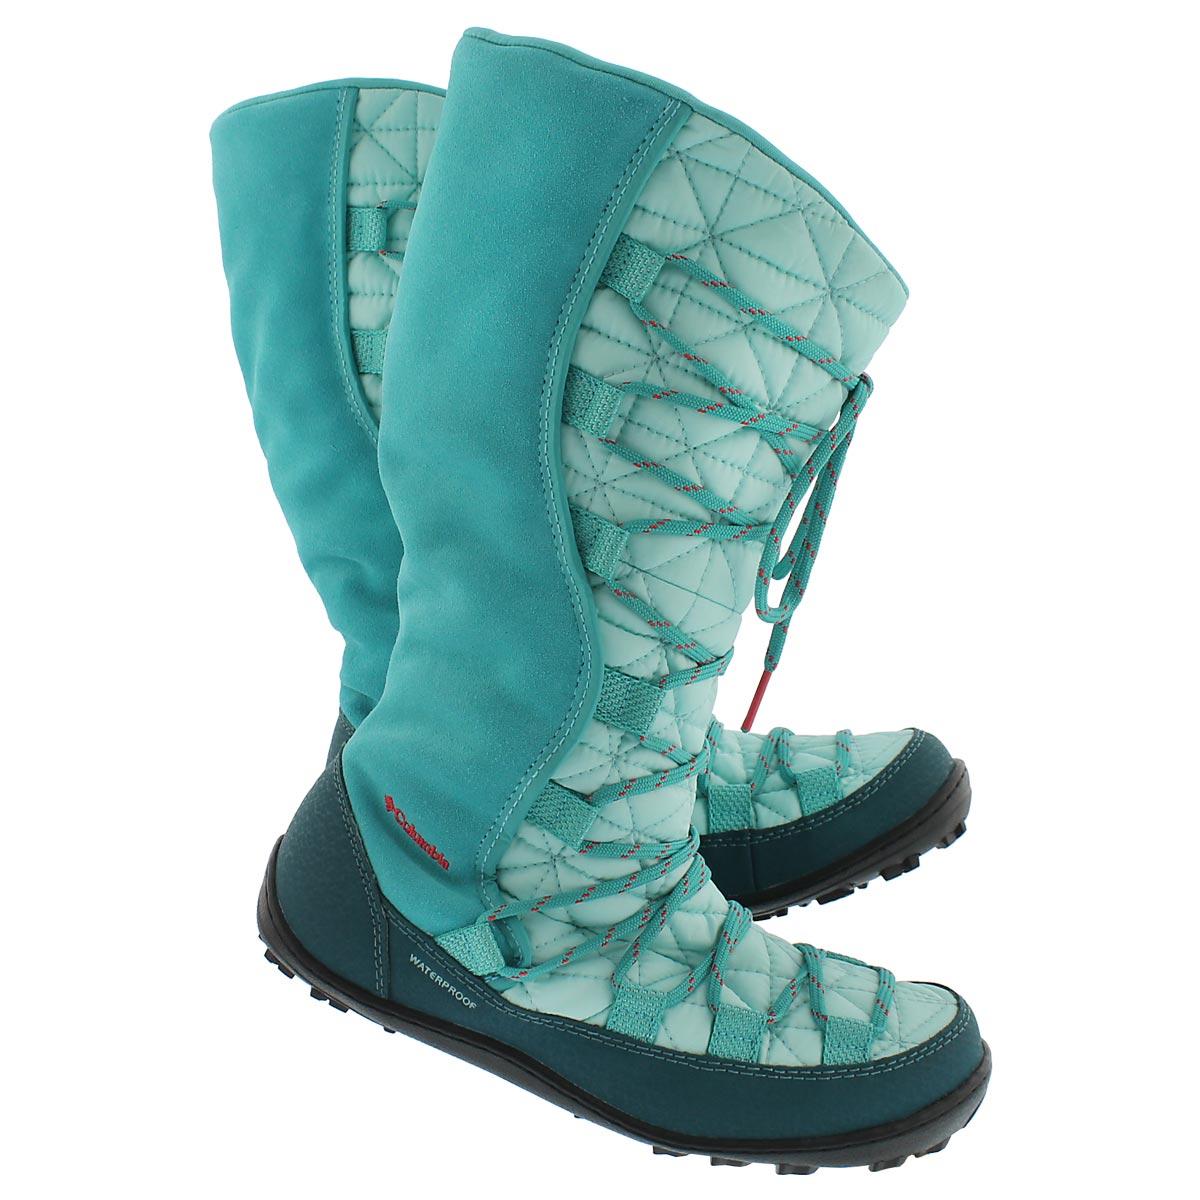 Grls Loveland Omni-Heat turq. tall boot